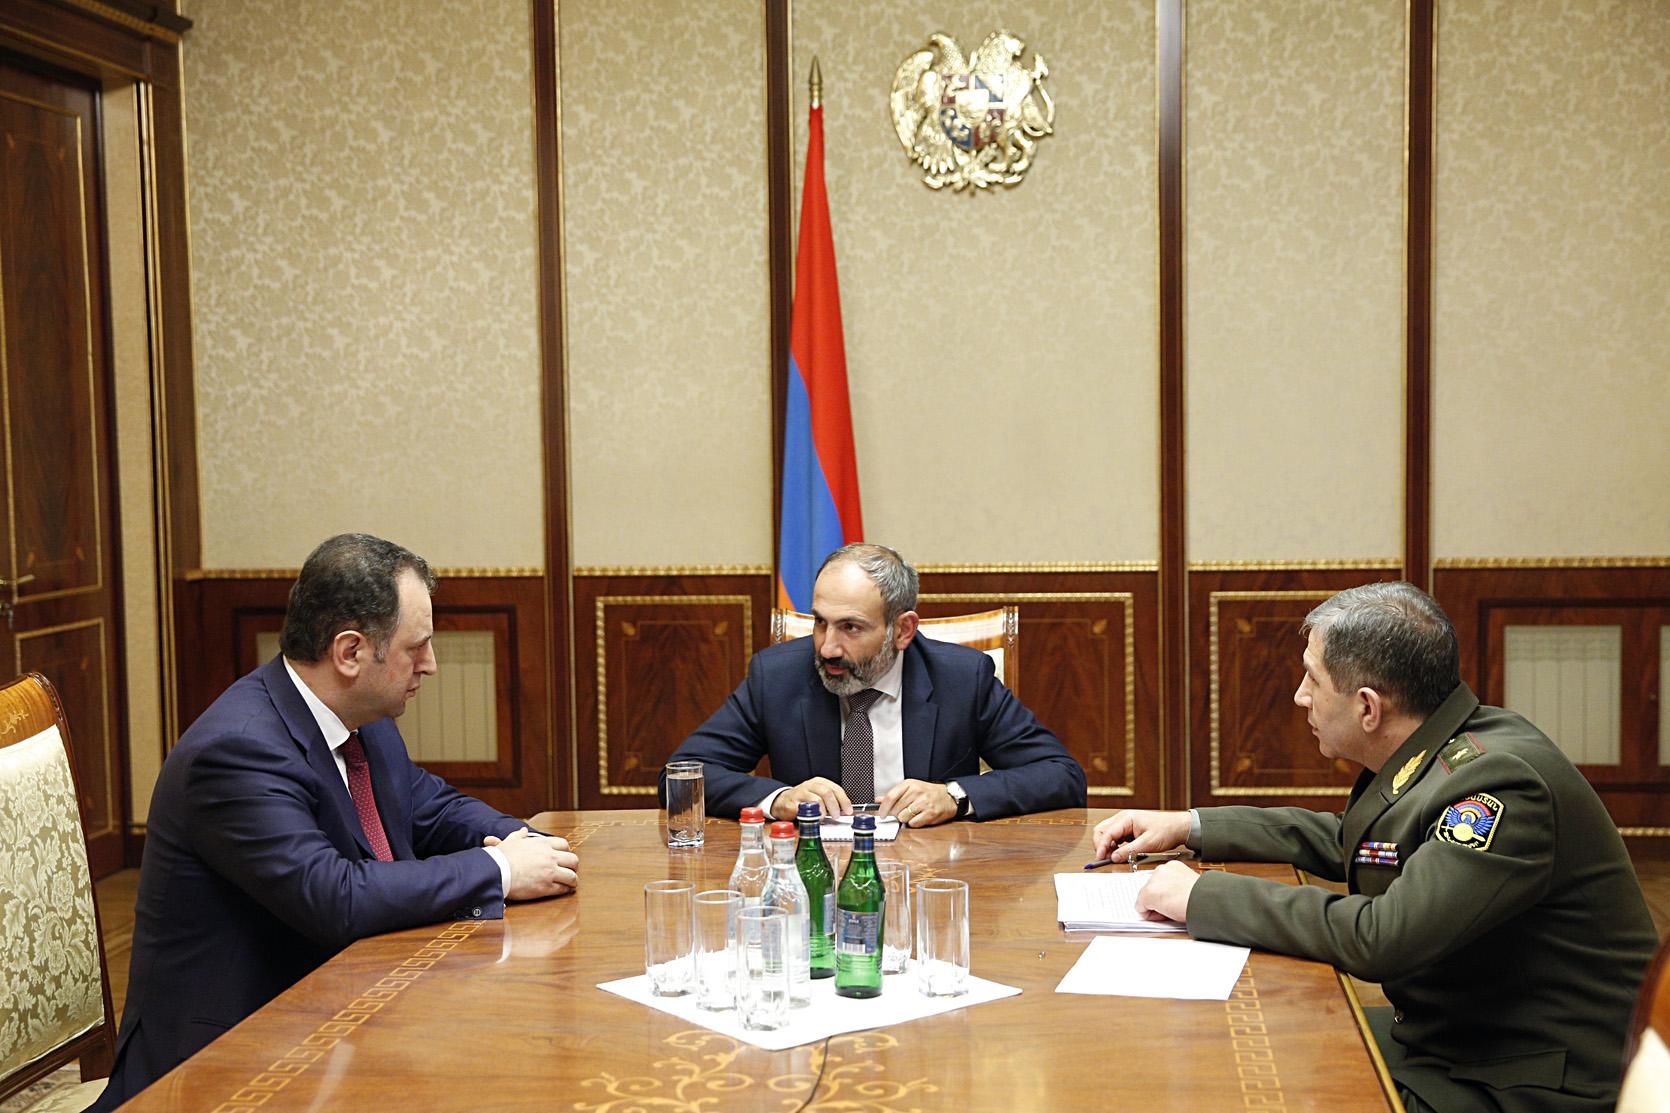 Վիգեն Սարգսյանը  վարչապետ Փաշինյանին զեկուցել է արտաքին անվտանգության հետ կապված իրավիճակը